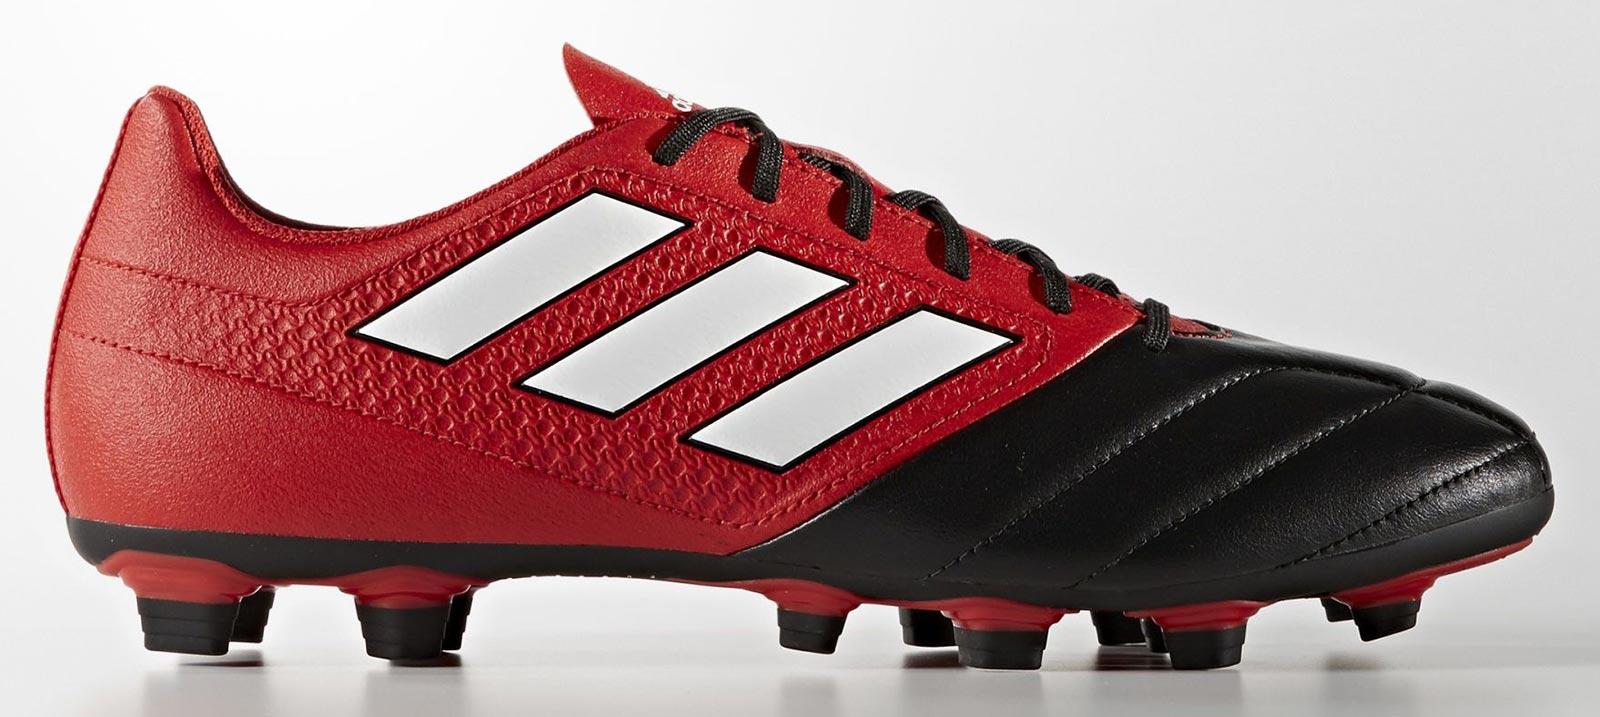 Adidas Ace 17.2 Ag